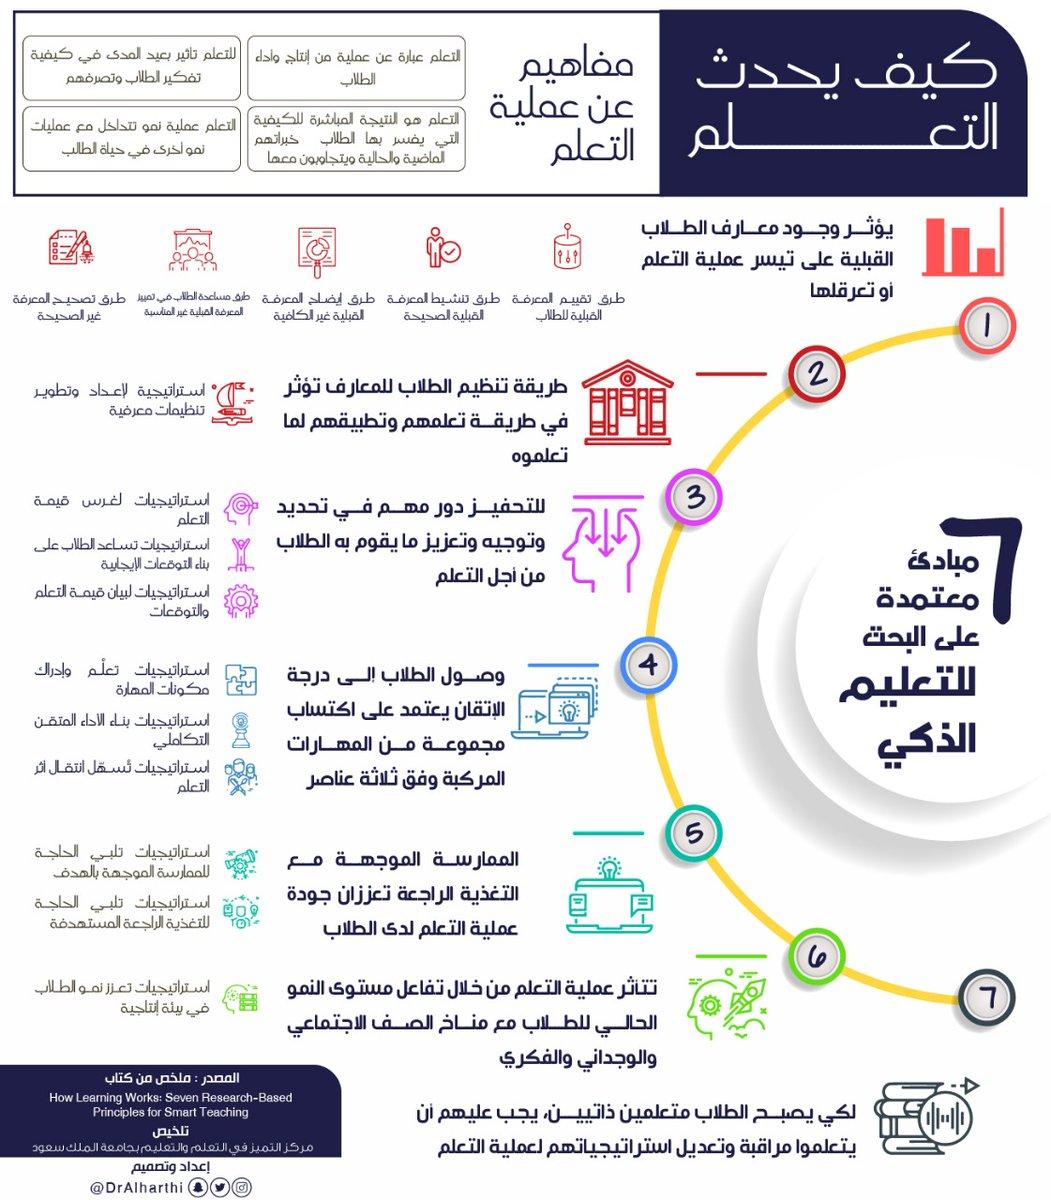 ترجمة كتاب (كيف يحدث التعلم)